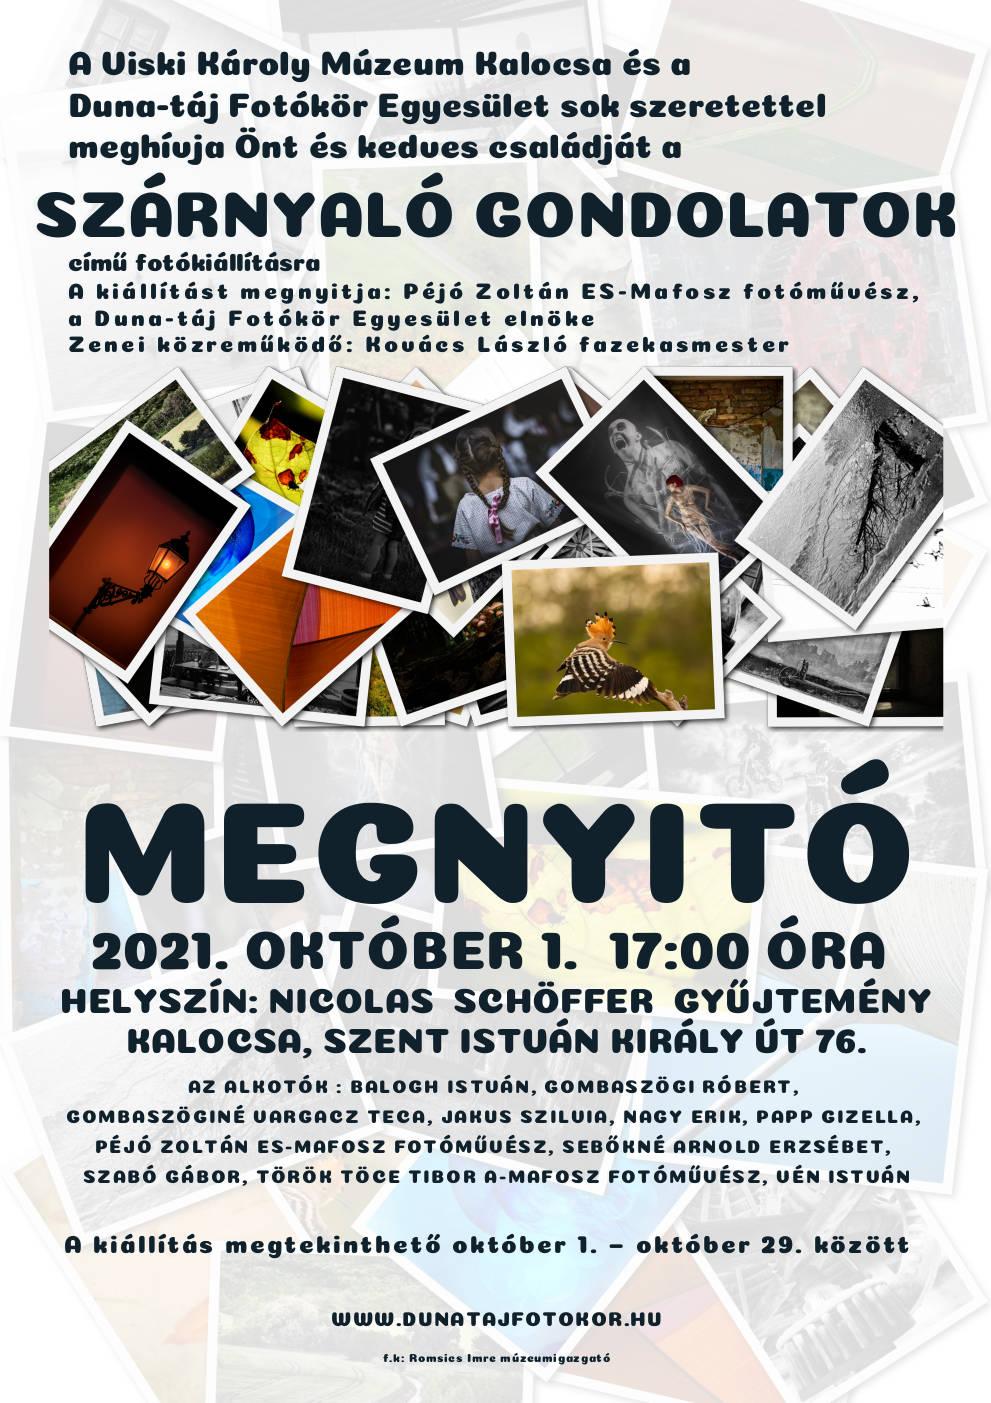 KIÁLLÍTÁS MEGHÍVÓ  Duna‒táj Fotókör/Szárnyaló gondolatok  A Nicolas Schöffer Gyűjtemény tisztelettel meghívja Önt, a Szárnyaló gondolatok című fotókiállítás megnyitójára 2021. október 1-én pénteken 17 órára.  A kiállítást megnyitja: Péjó Zoltán ES-MAFOSZ fotóművész, a Duna‒táj Fotókör Egyesület elnöke  Helyszín: 6300 Kalocsa, Szent István király út 76.